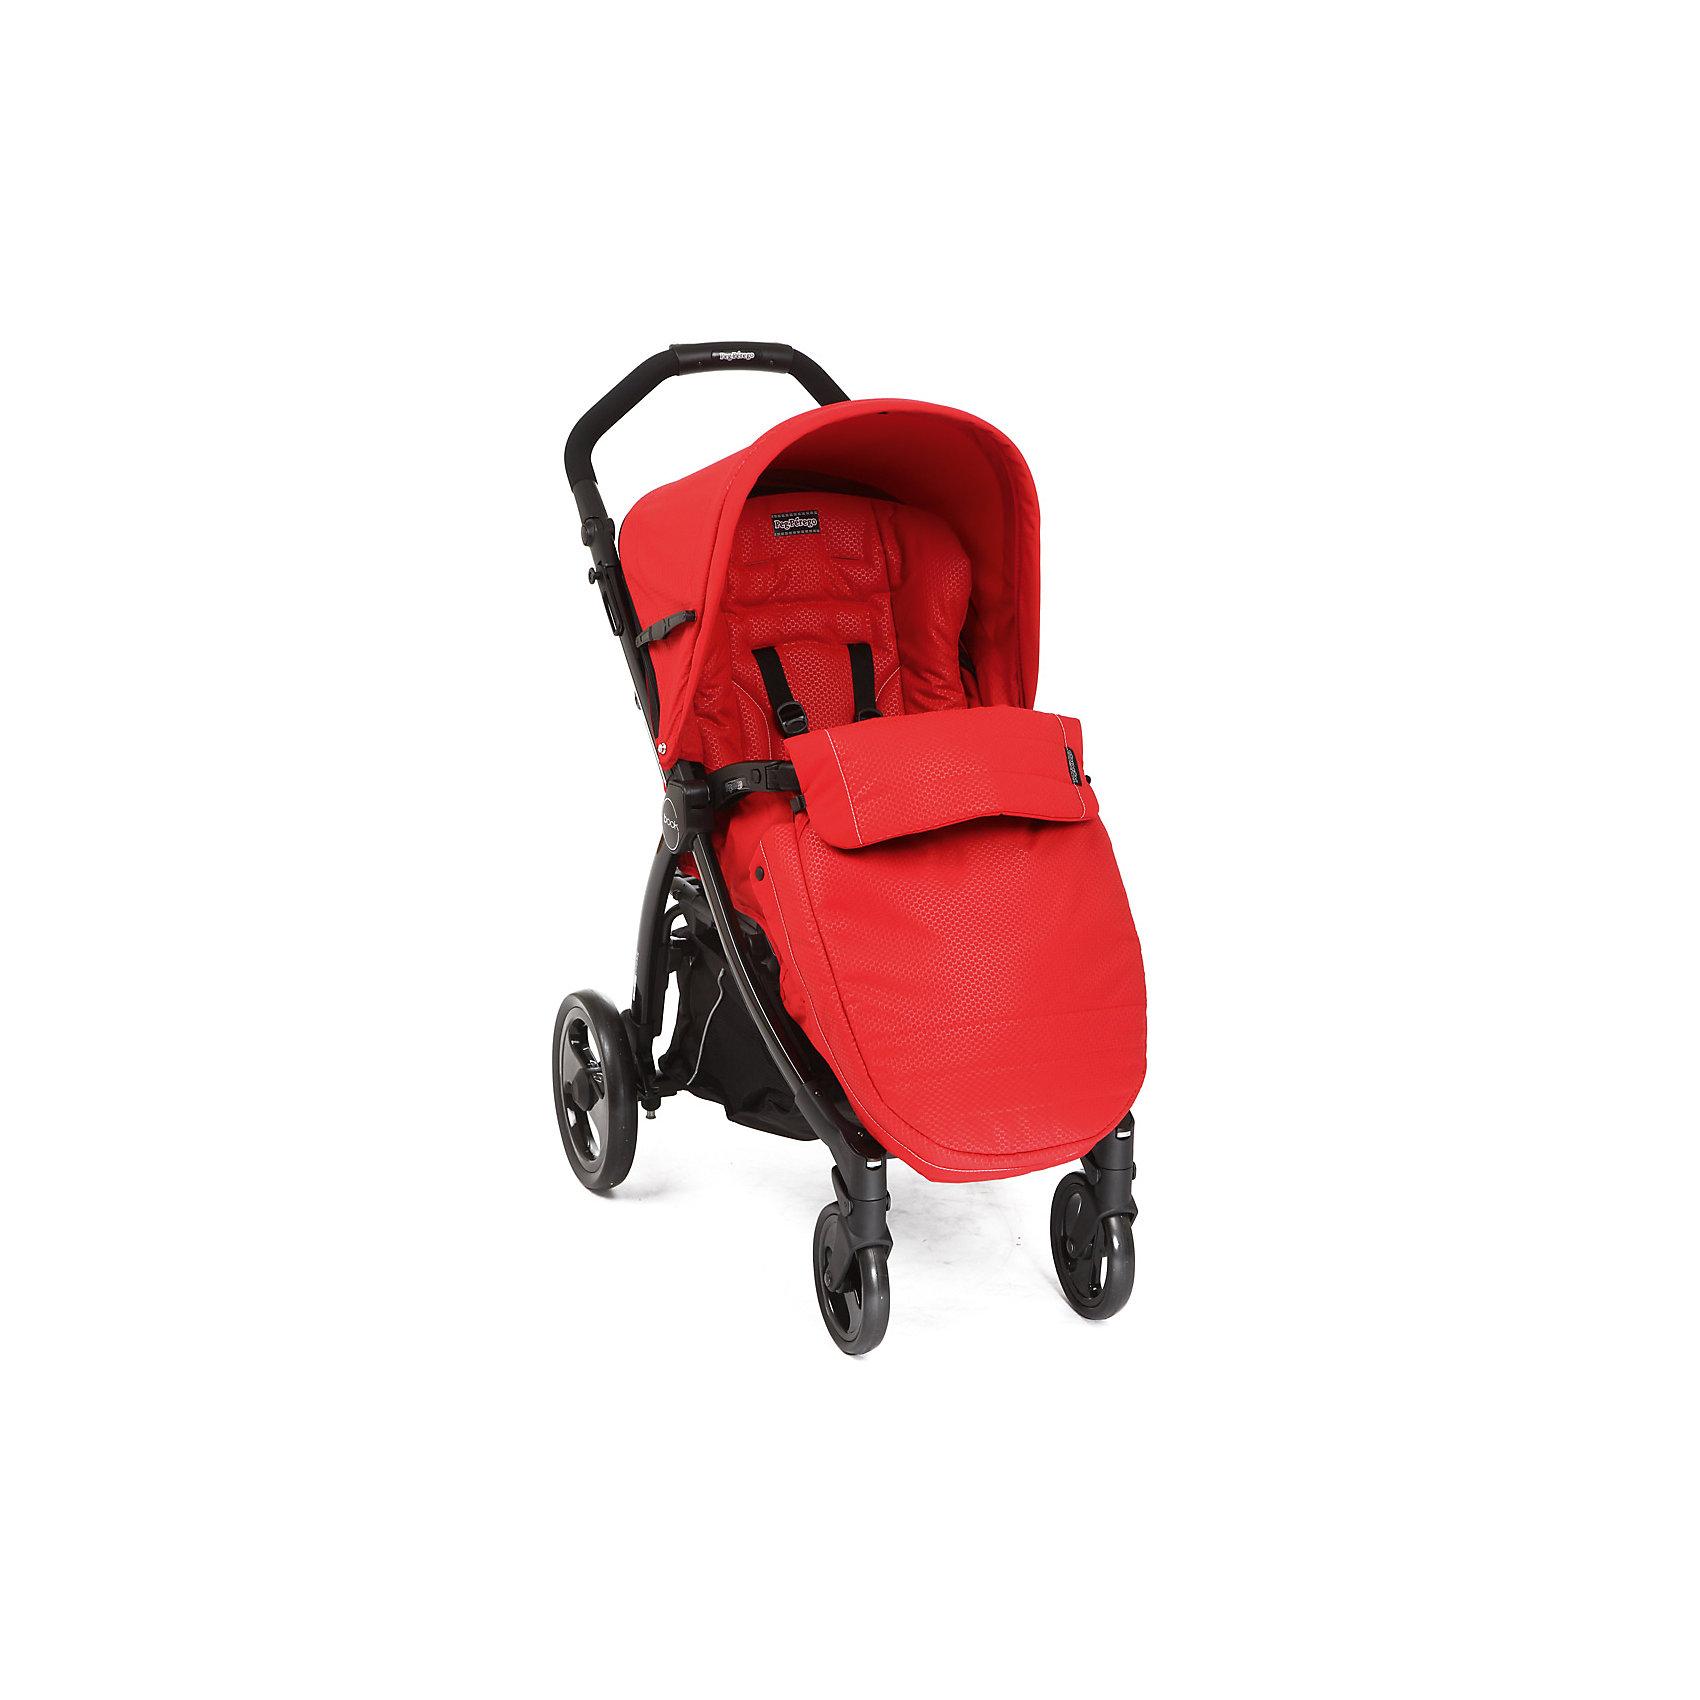 Прогулочная коляска Peg-Perego Book Completo, Mod Red, красныйПрогулочные коляски<br>Прогулочная коляска Book Completo (Бук Комплето), Peg-Perego (Пег-Перего) – это стильная и практичная прогулочная коляска, которая понравится родителям, ценящим активный образ жизни. Коляска легко управляется даже одной рукой, благодаря передним поворотным колесам, а большие по диаметру задние колеса обеспечивают хорошую проходимость по бездорожью и снегу. Коляска имеет широкое, длинное и комфортабельное сиденье, а возможность удлинения спального места за счет подножки и регулируемый наклон спинки позволяет малышу комфортно спать и отдыхать во время прогулки. Для детей, которые уже могут самостоятельно сидеть, в комплекте идет теплый чехол на ножки, который согреет малыша в холодную погоду. В такой коляске малышу будет комфортно в любую погоду и в любых дорожных условиях!<br><br>Характеристики:<br>-Тип колес: 4 одинарных ненадувных колеса<br>-Поворотные передние колеса с возможностью фиксации, фиксированные задние колеса<br>-Регулировка эргономичной ручки по высоте<br>-Регулируемая подножка: 2 положения<br>-Регулировка наклона спинки: 4 положения, включая горизонтальное<br>-Для детей до 15 кг<br>-Механизм складывания: книжка<br>-Съемный защитный бампер для защиты от выпадения ребенка<br>-Легкий уход: возможность снять и постирать обивку при температуре до 30 градусов, съемные колеса<br>-Пятиточечные ремни безопасности<br>-Легкая и прочная алюминиевая рама <br>-Малышу будет очень комфортно под капюшоном со встроенной москитной сеткой и прозрачным окошком. Специальная петелька для крепления подвесной игрушки. Легким движением руки Вы можно расстегнуть молнию и превратить капюшон в солнцезащитный тент<br>-Удобный ножной тормоз: одним движением блокируются оба колеса<br>-Удобная система сложения одной рукой: шасси складывается вместе с прогулочным блоком <br>-Прогулочный блок НЕ реверсивный<br><br>Дополнительная информация:<br>Комплектация: шасси, прогулочный блок с капюшоном, дождевик,